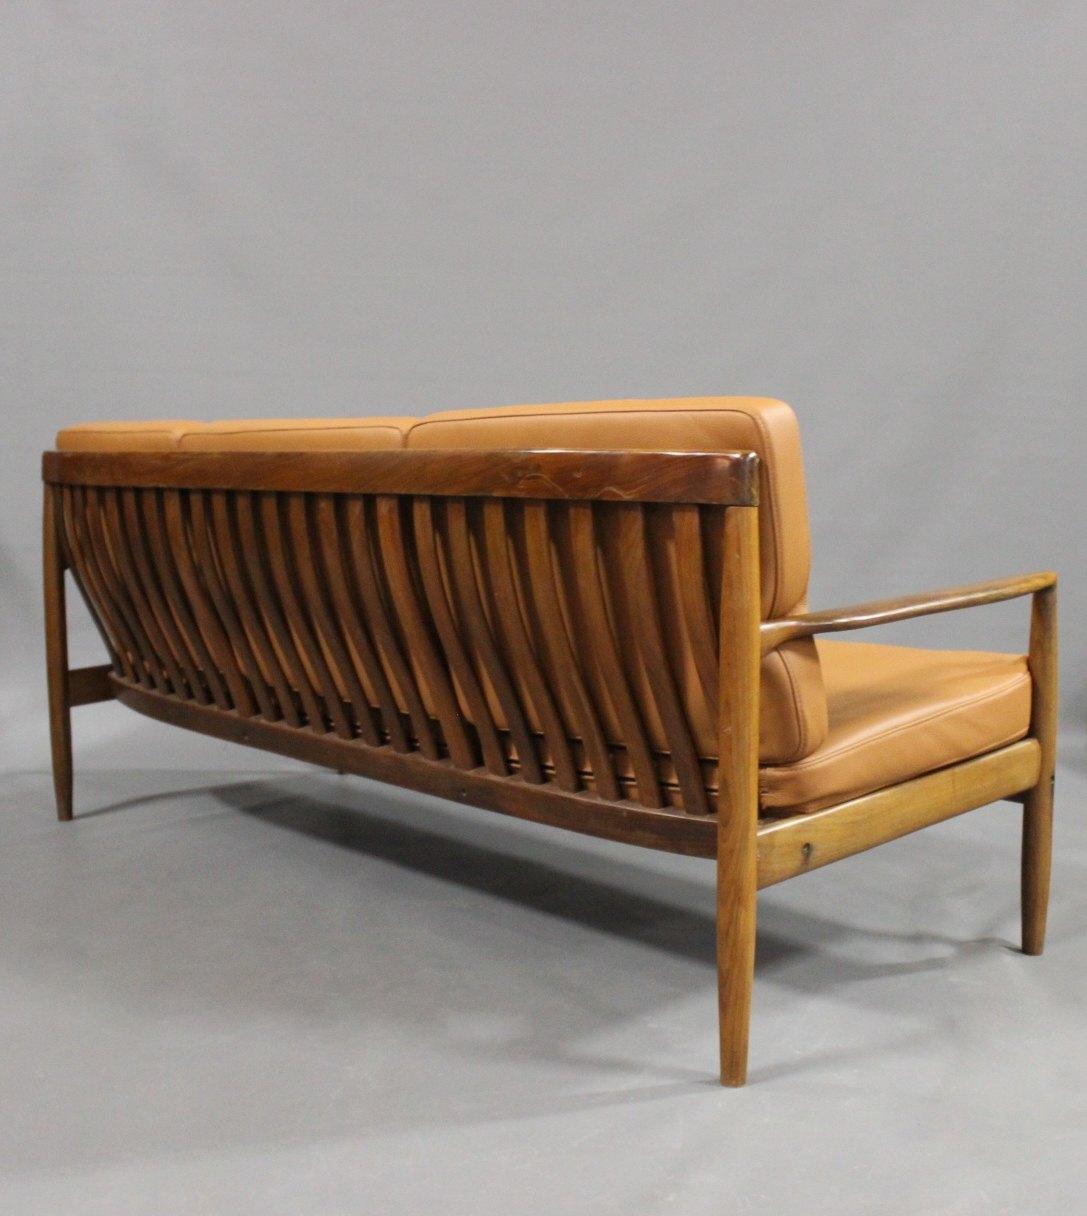 Www Antikvitet Net Tre Personers Sofa I Palisander Og Hynder Af Cognac Farvet Laeder Af Dansk Design Fra 1960erne 50